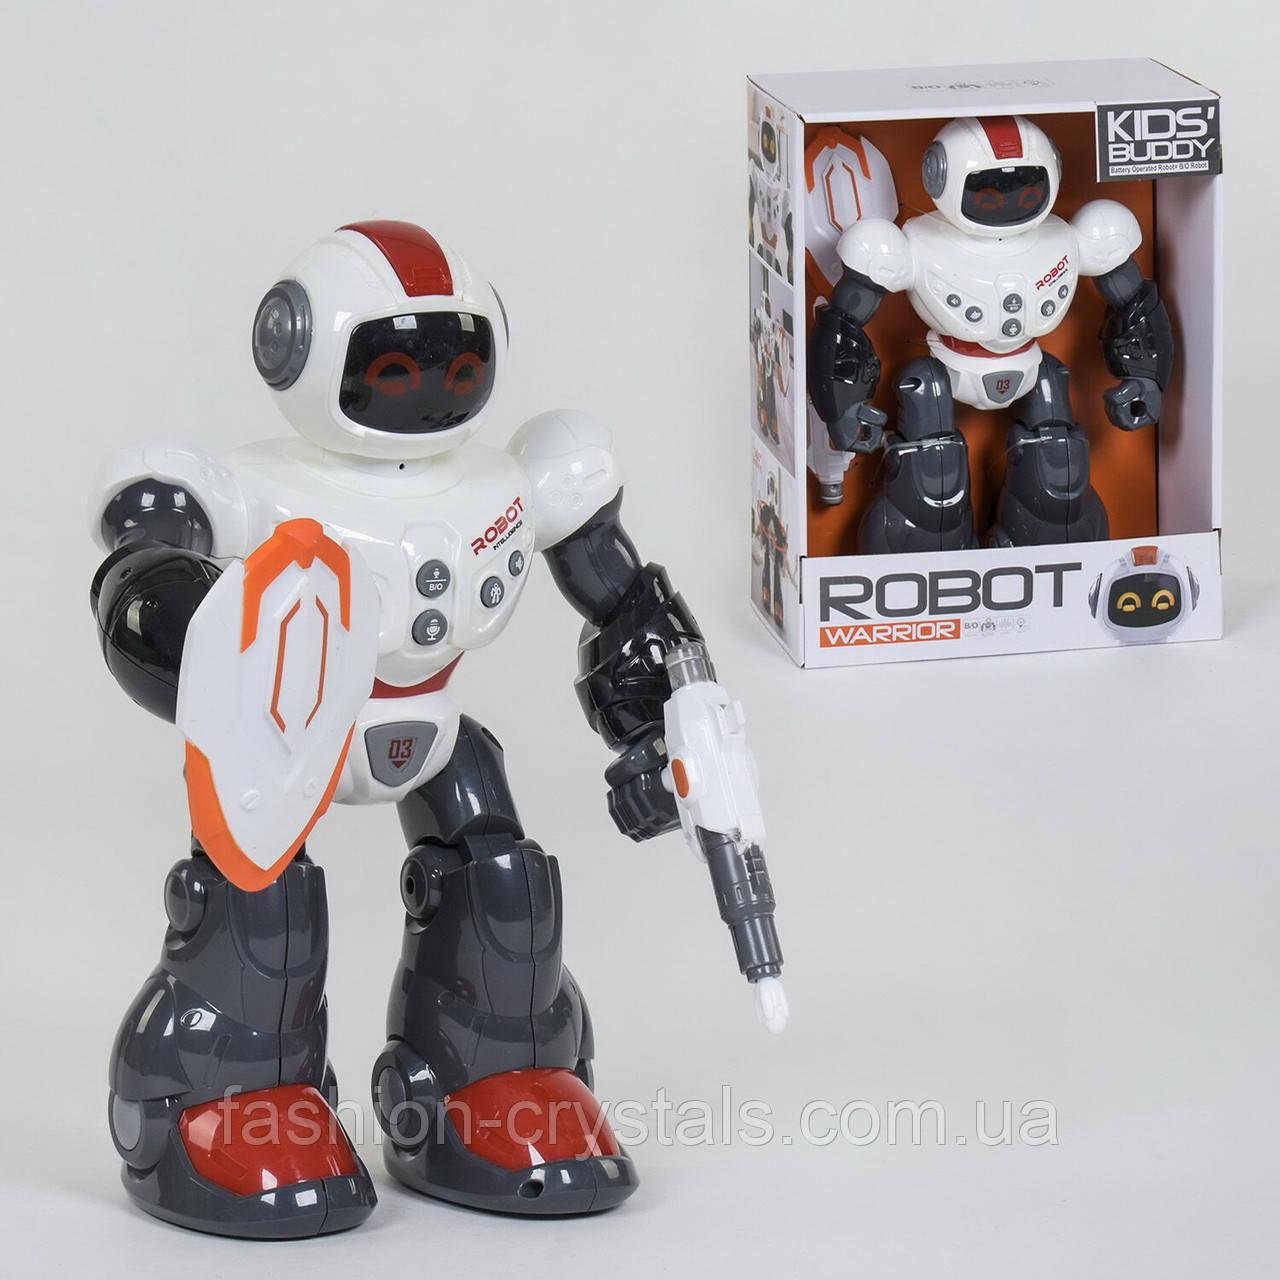 Интерактивный робот police 06